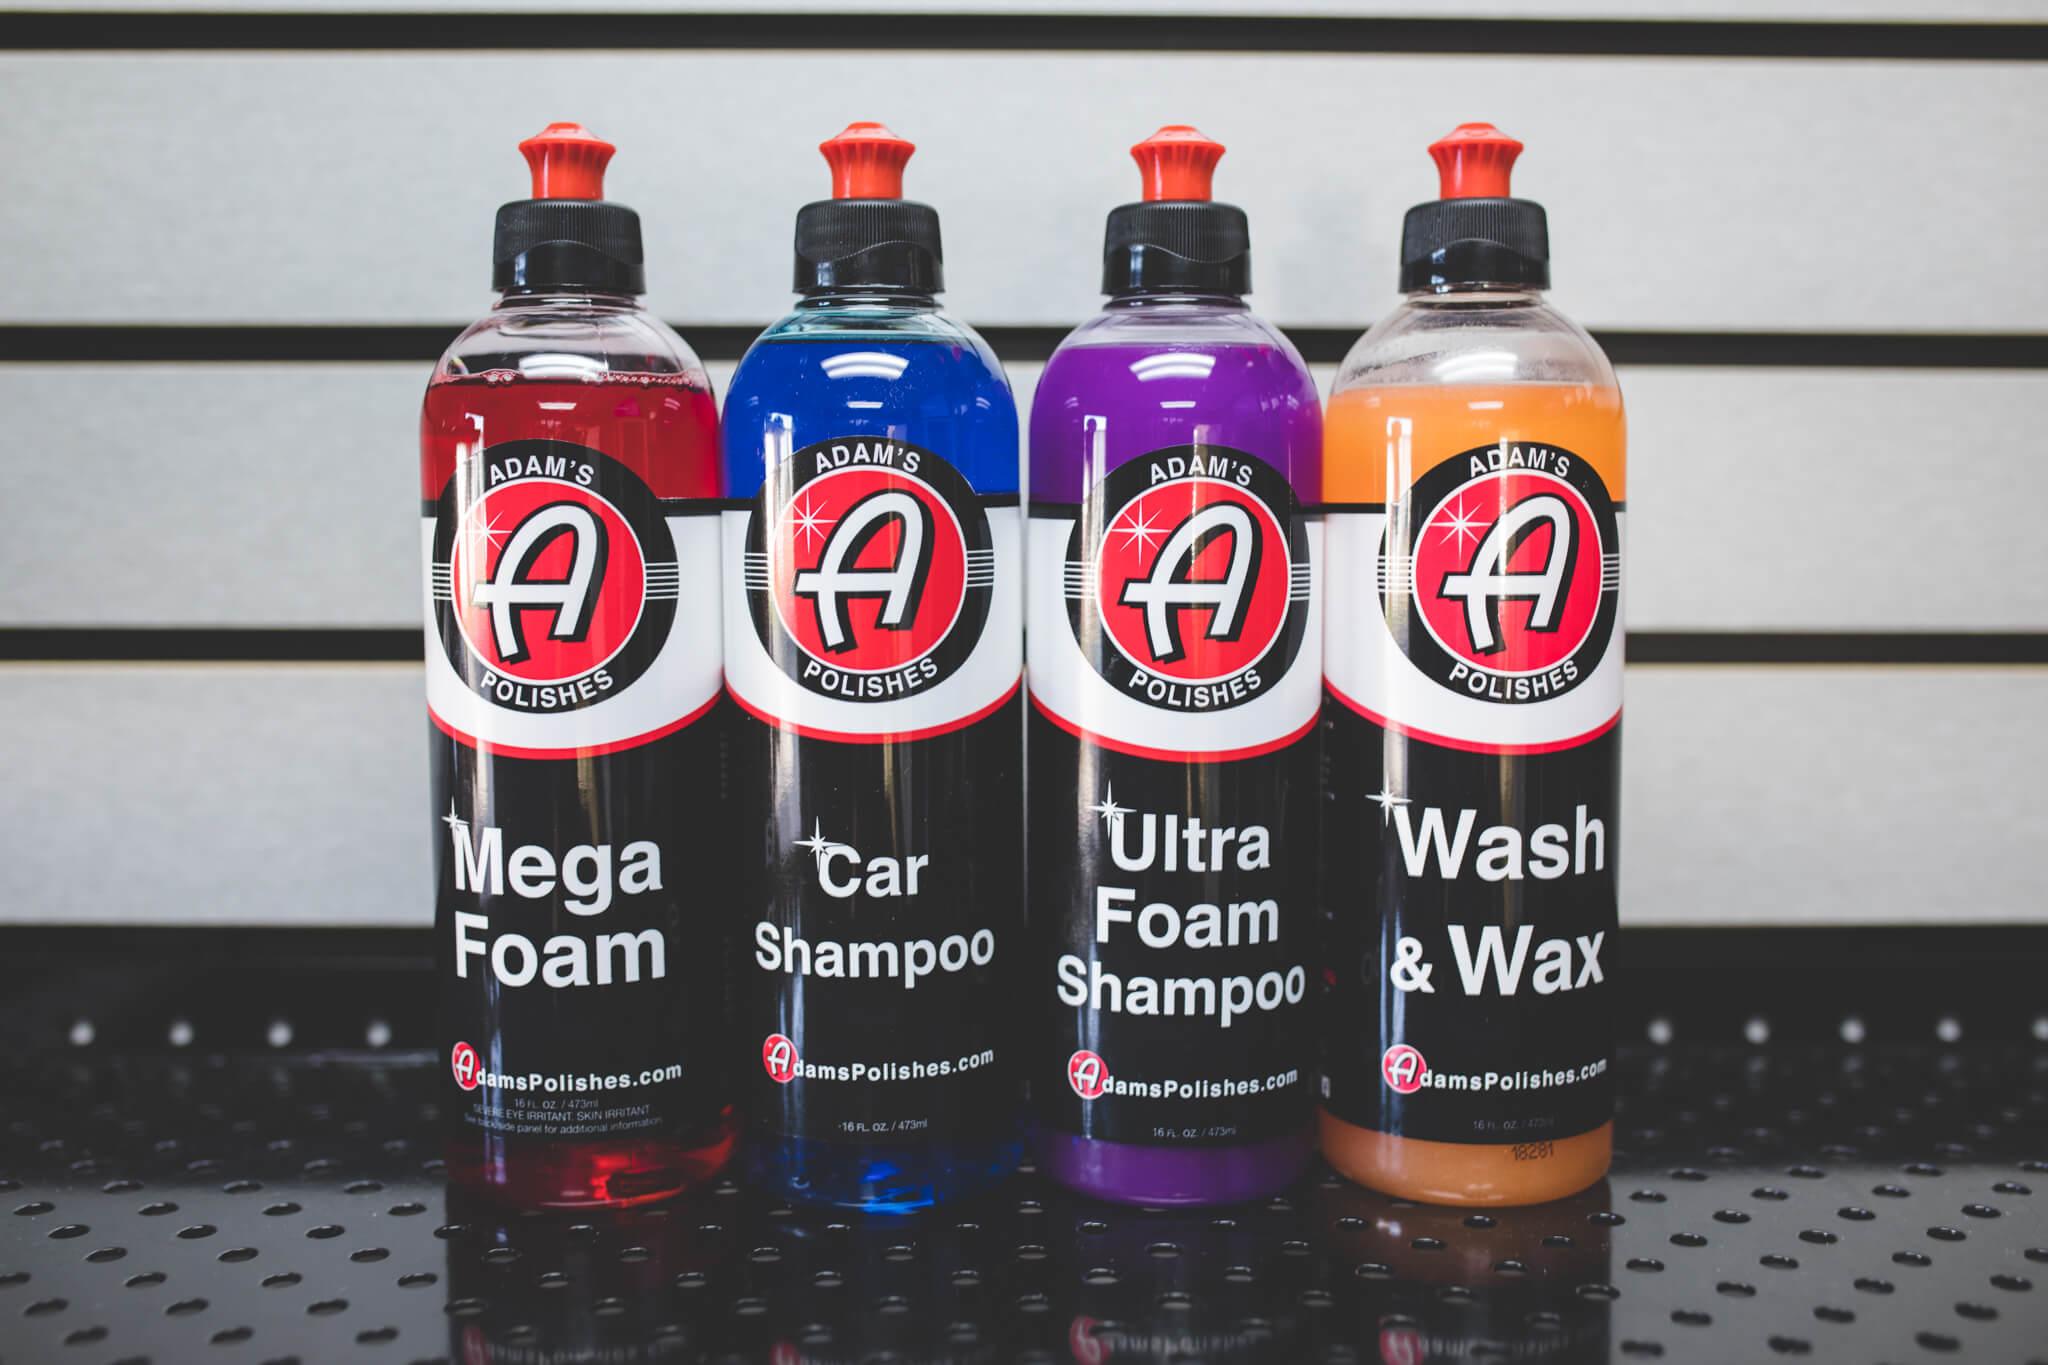 Adam's Ultra Foam Shampoo